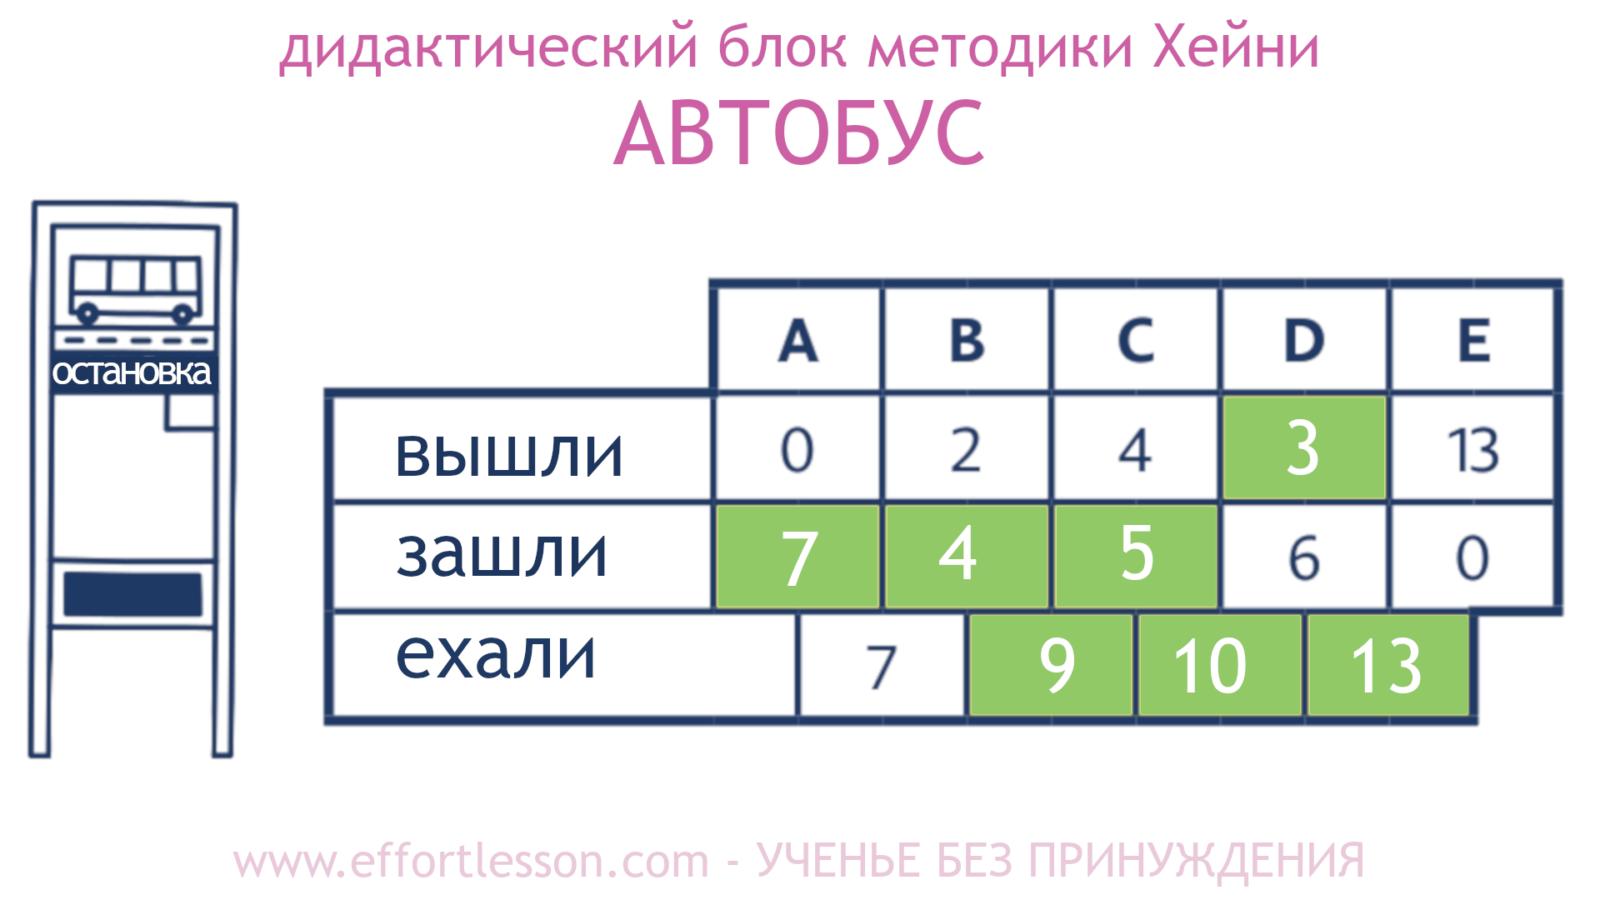 Таблица Автобус метод Хейни1.1